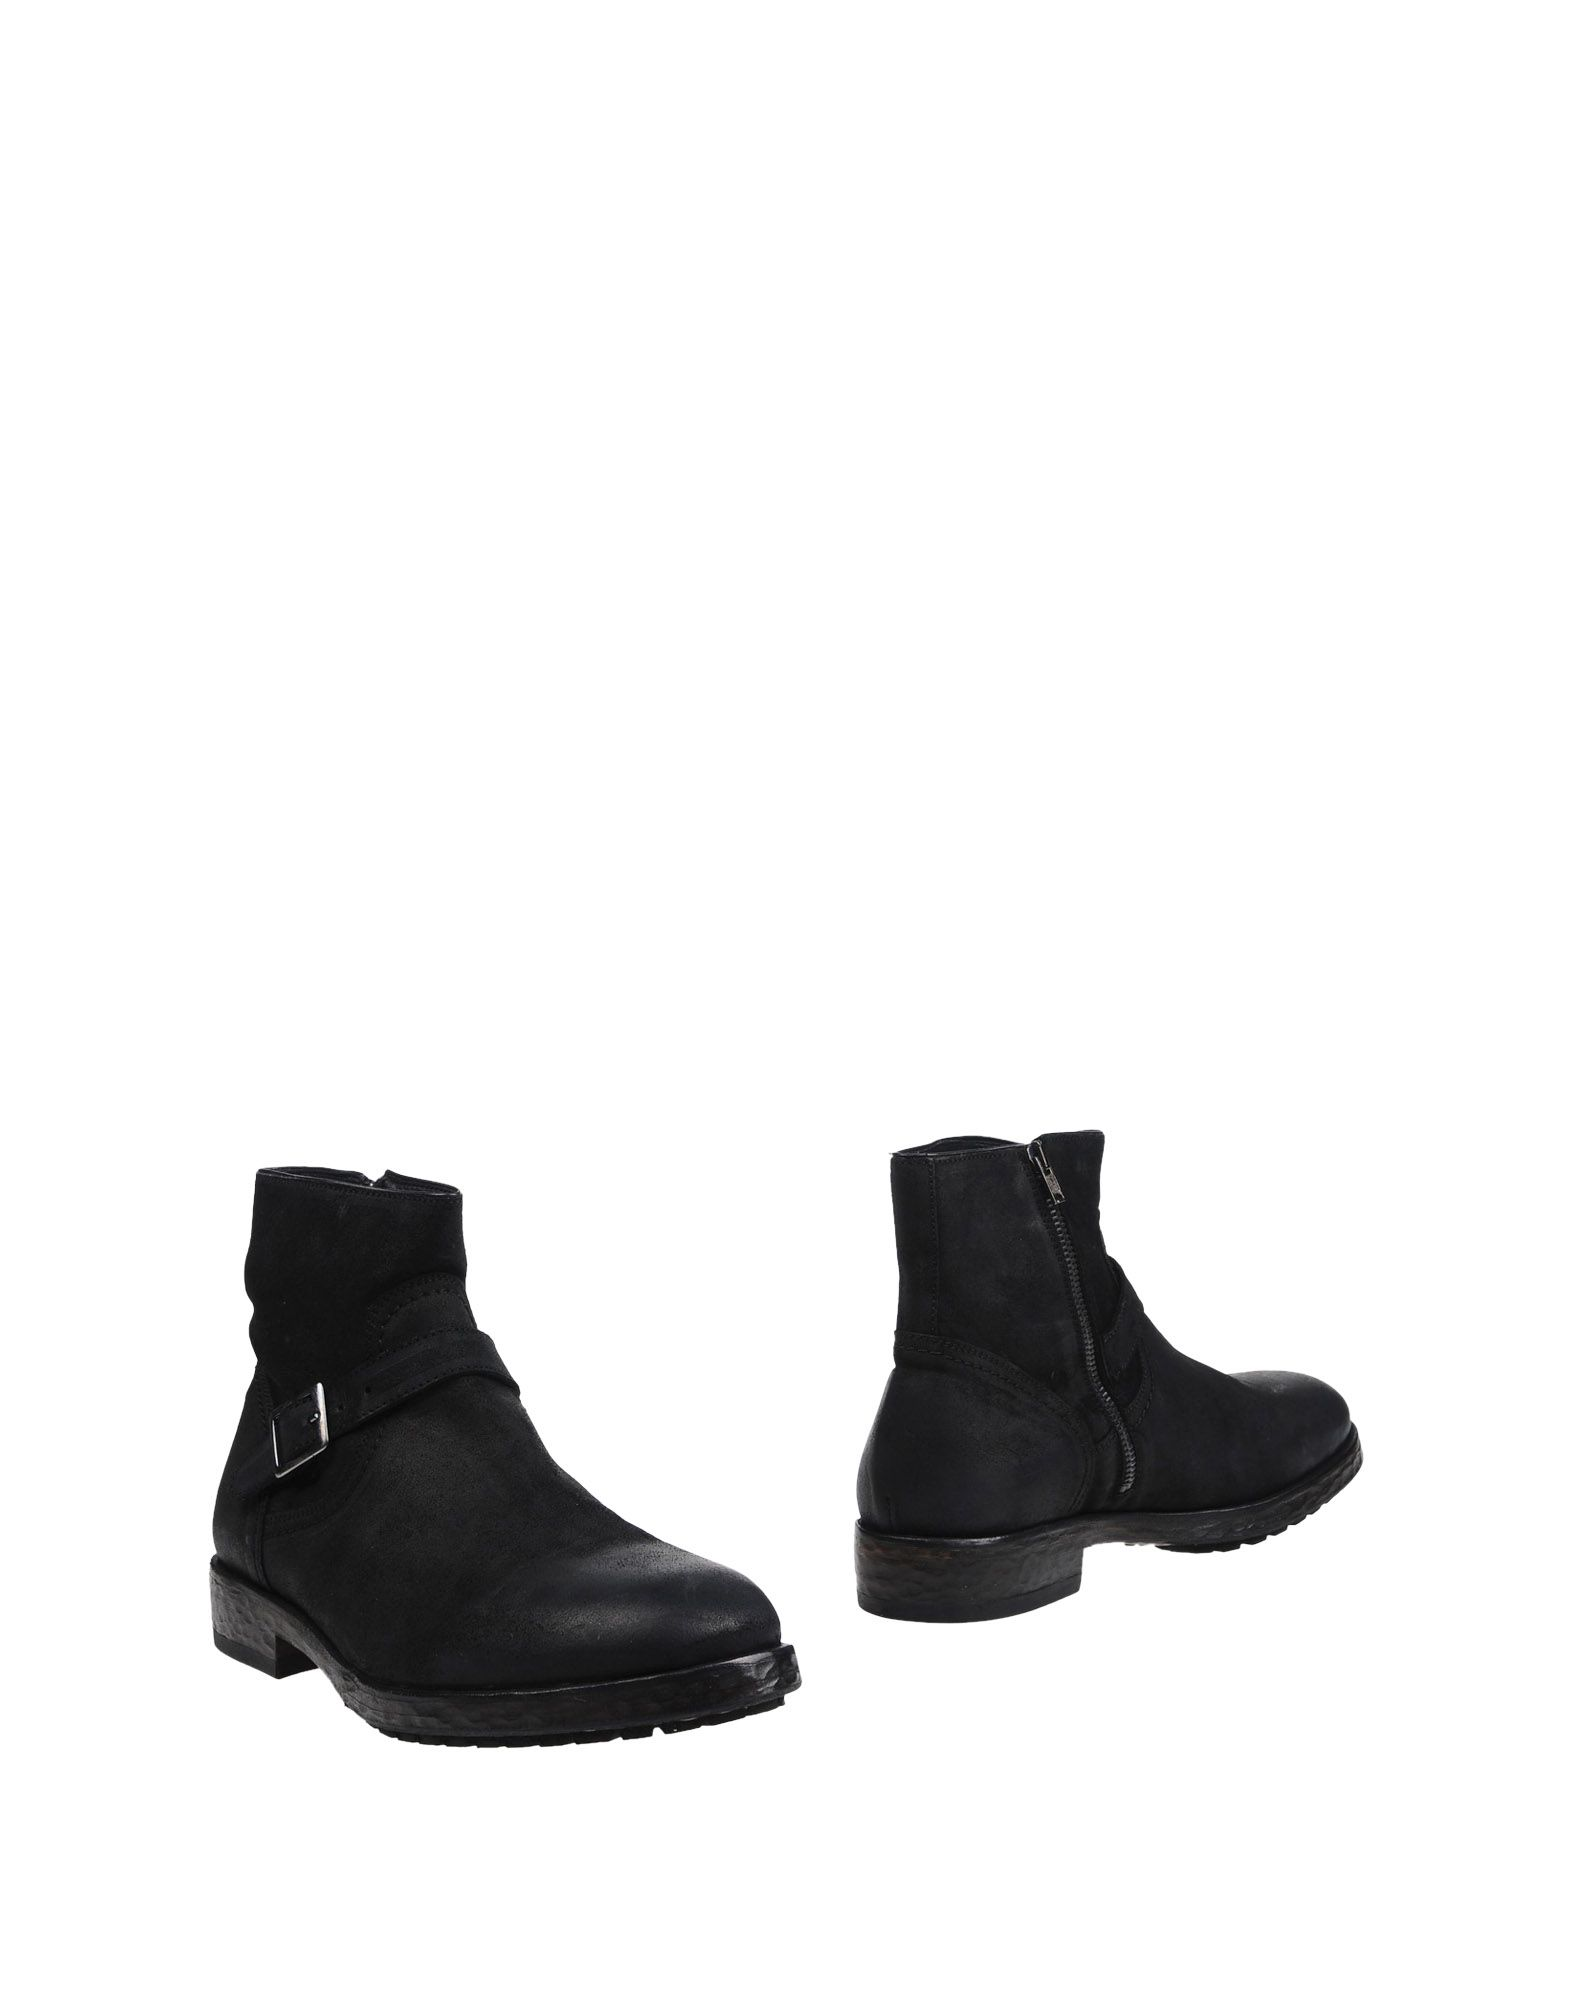 Bernardo M Stiefelette Herren  11265291FJ Gute Qualität beliebte Schuhe